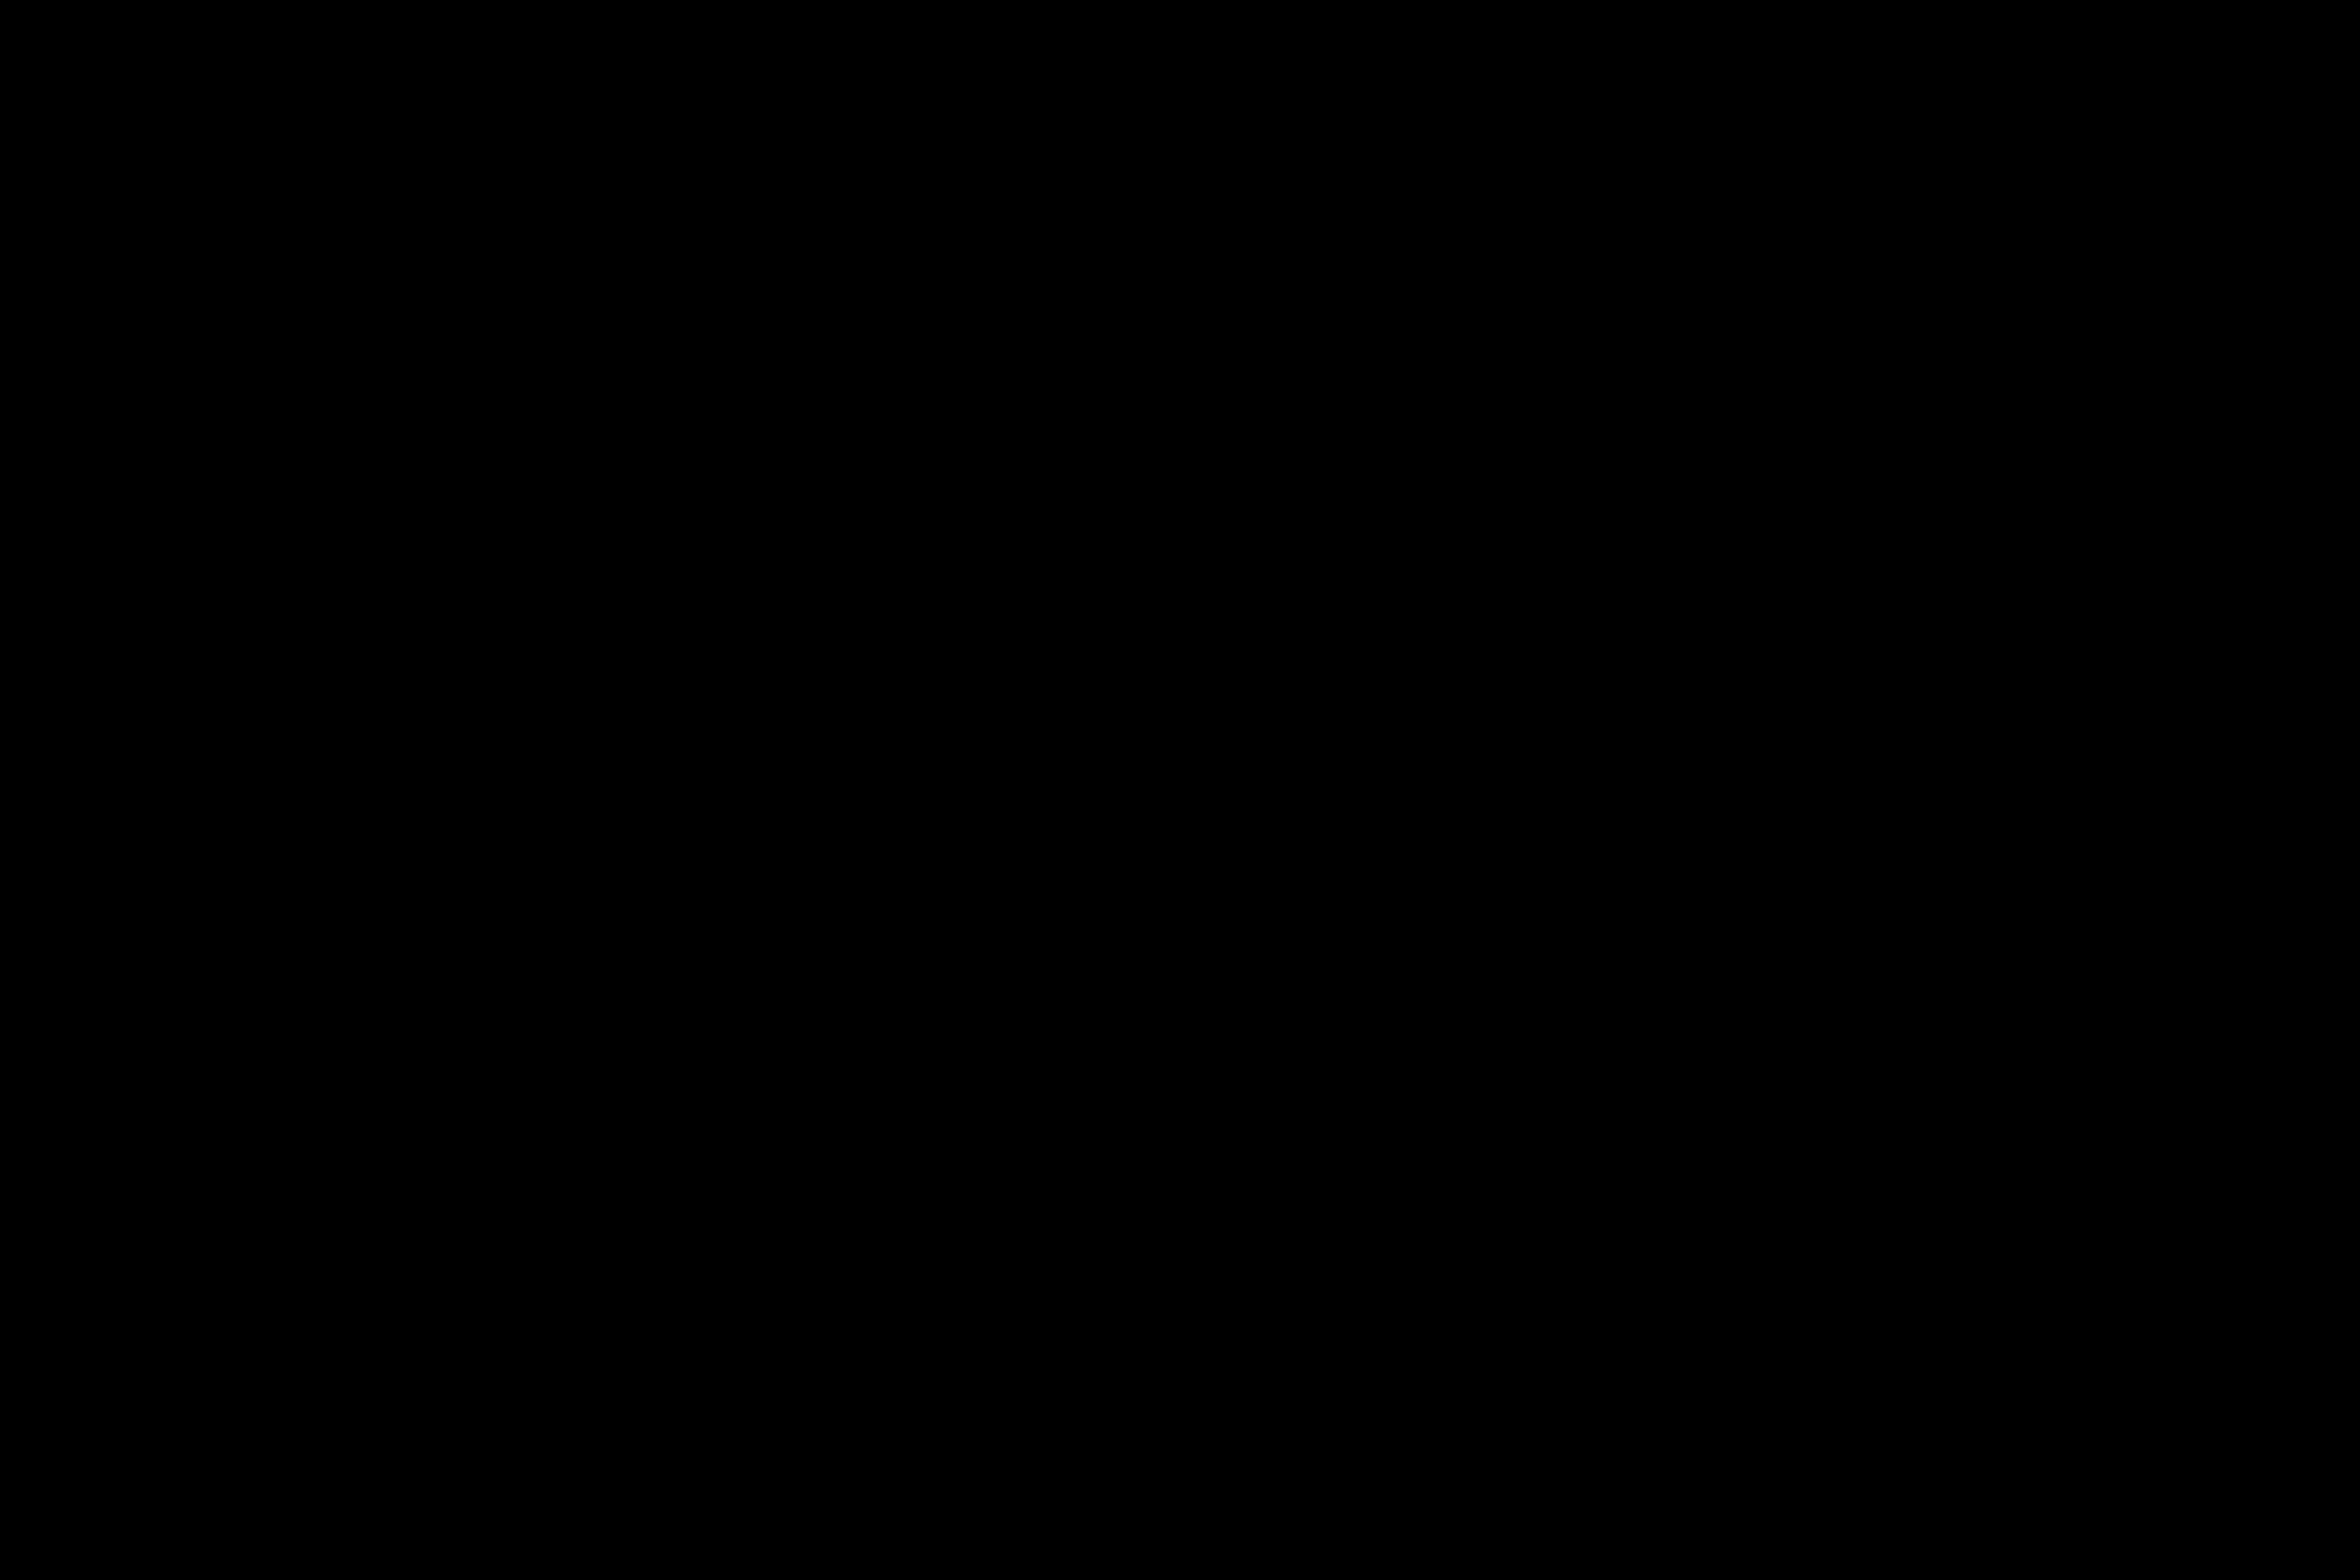 Acic dá início nova turma do núcleo Primeiros Passos